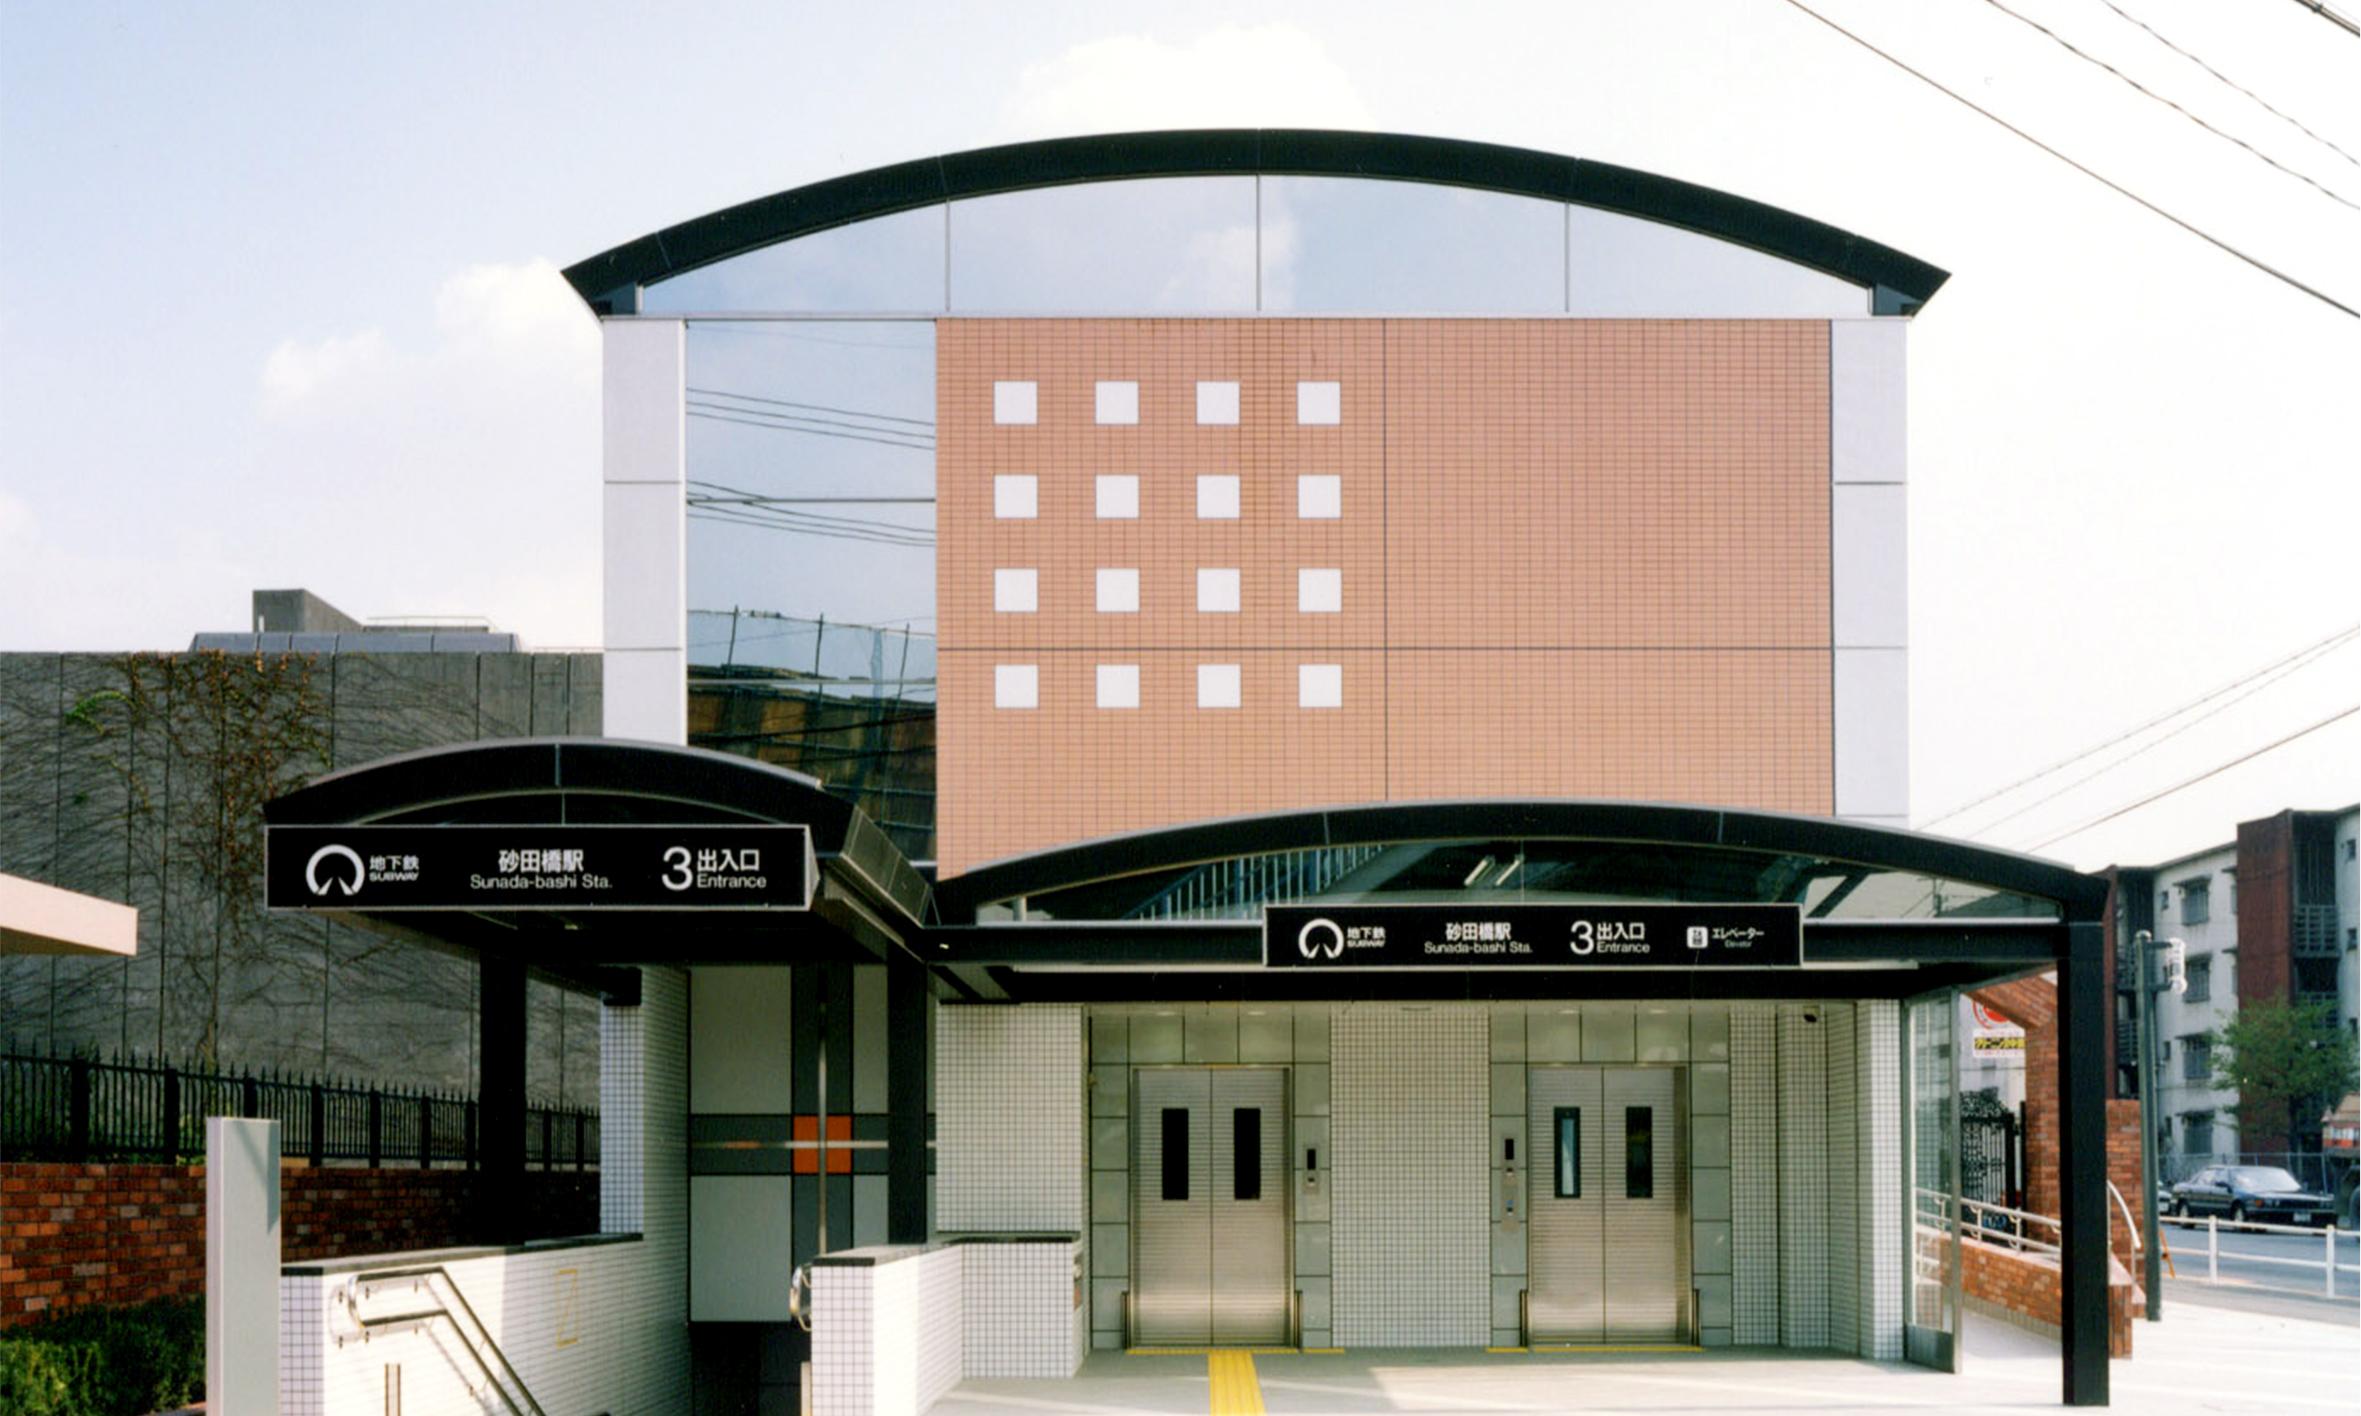 名古屋市営地下鉄名城線砂田橋駅